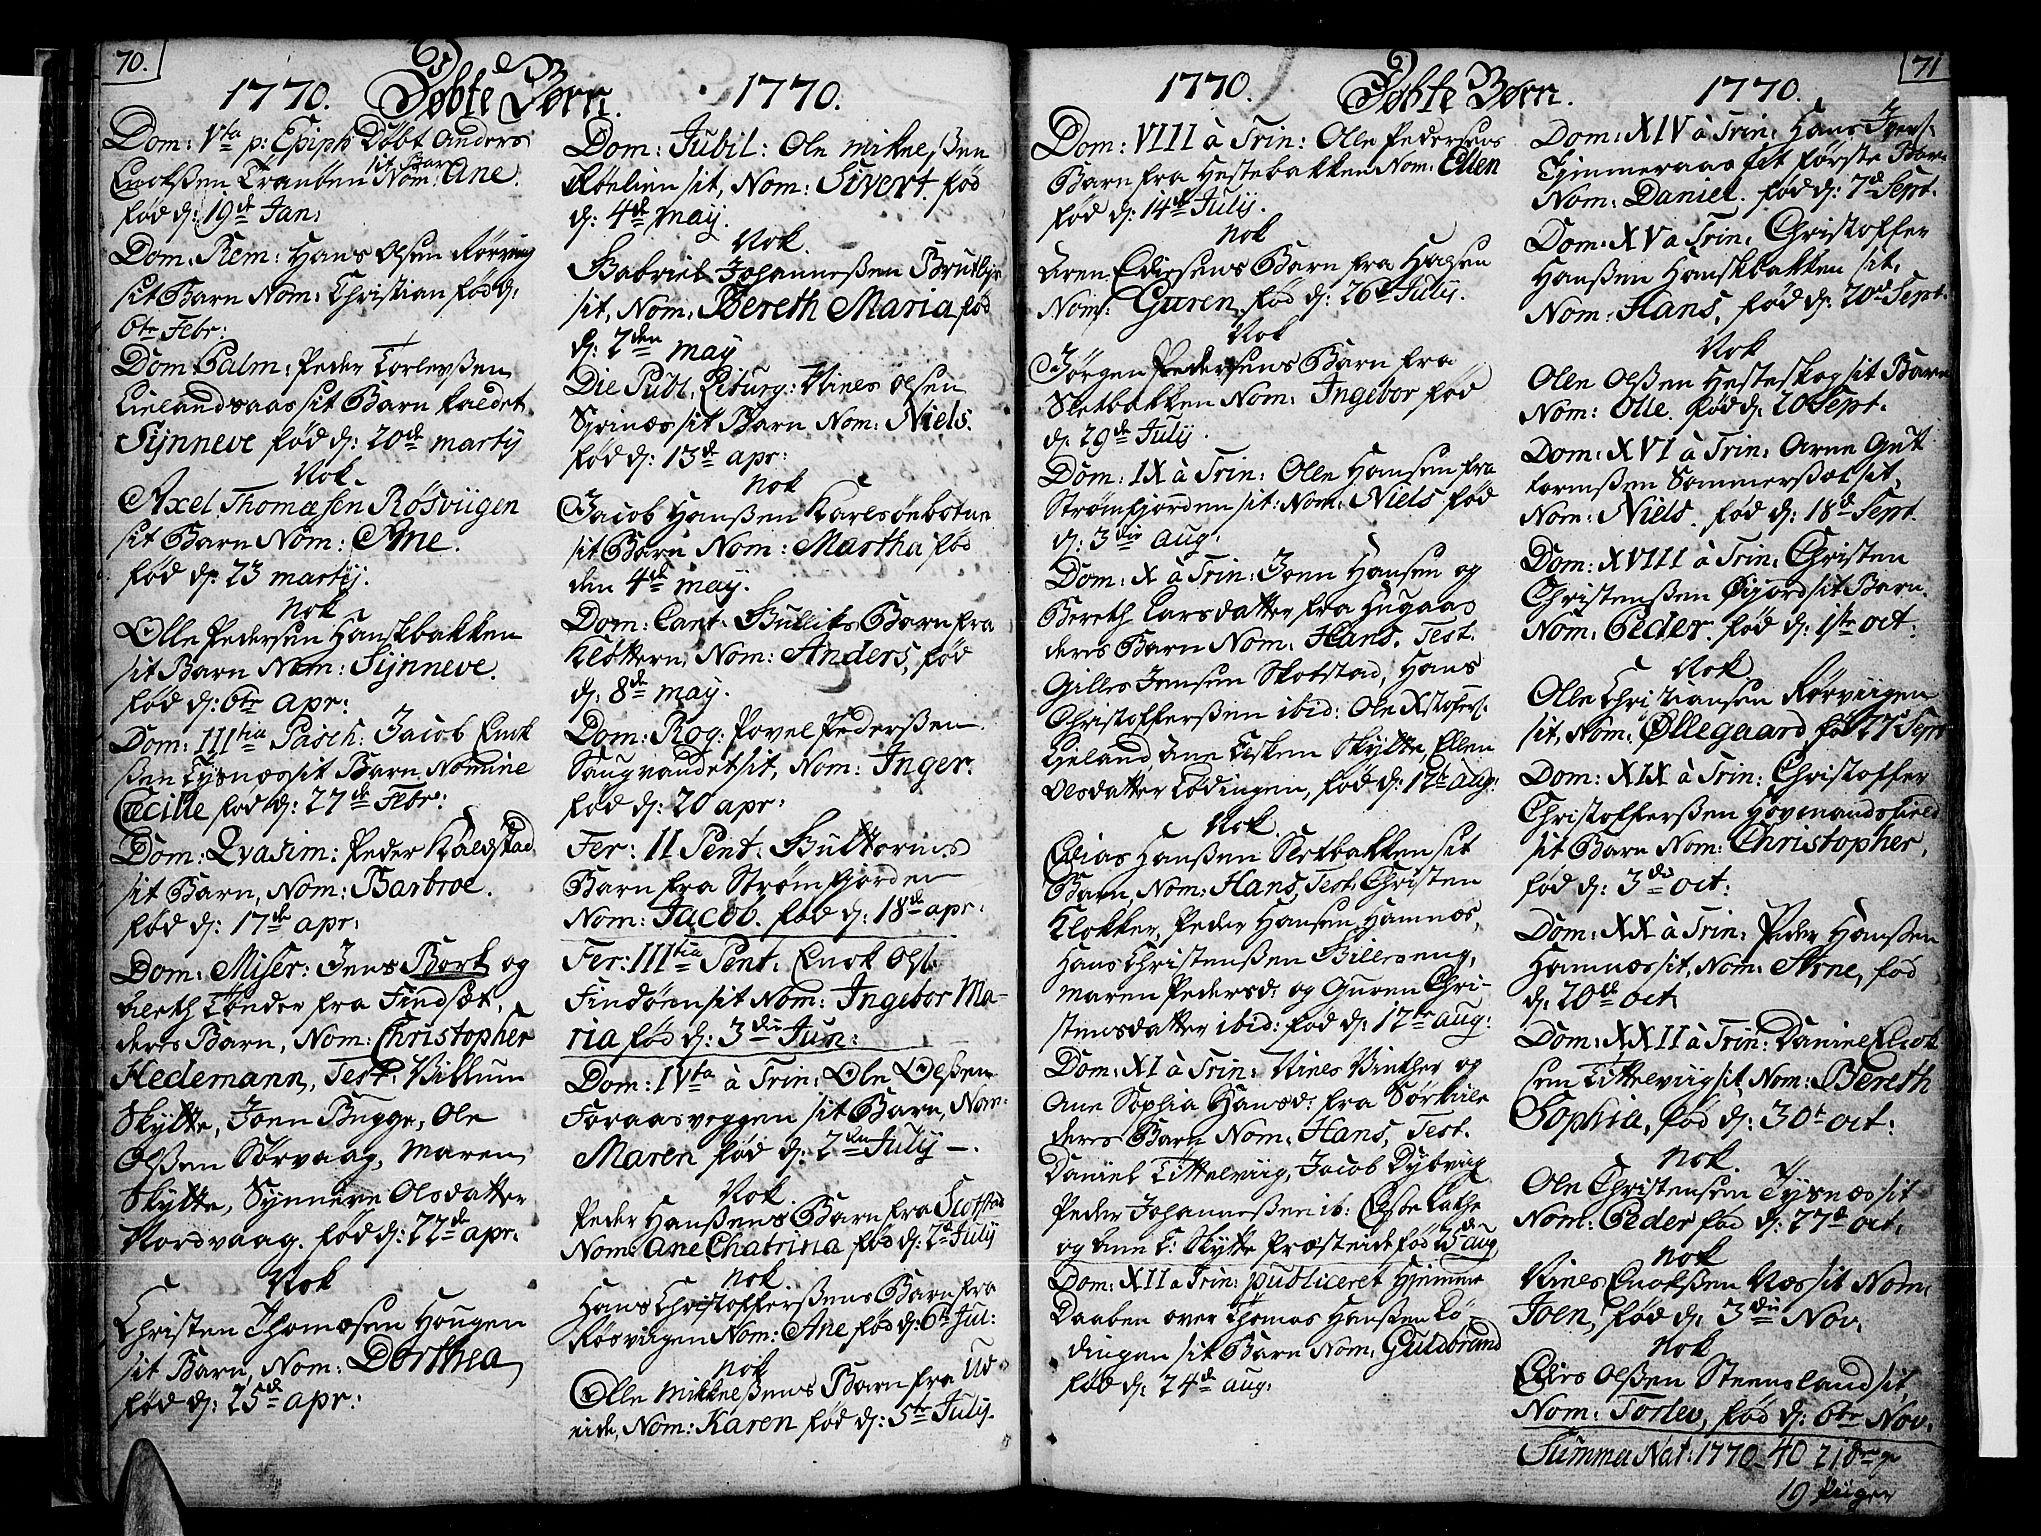 SAT, Ministerialprotokoller, klokkerbøker og fødselsregistre - Nordland, 859/L0841: Parish register (official) no. 859A01, 1766-1821, p. 70-71